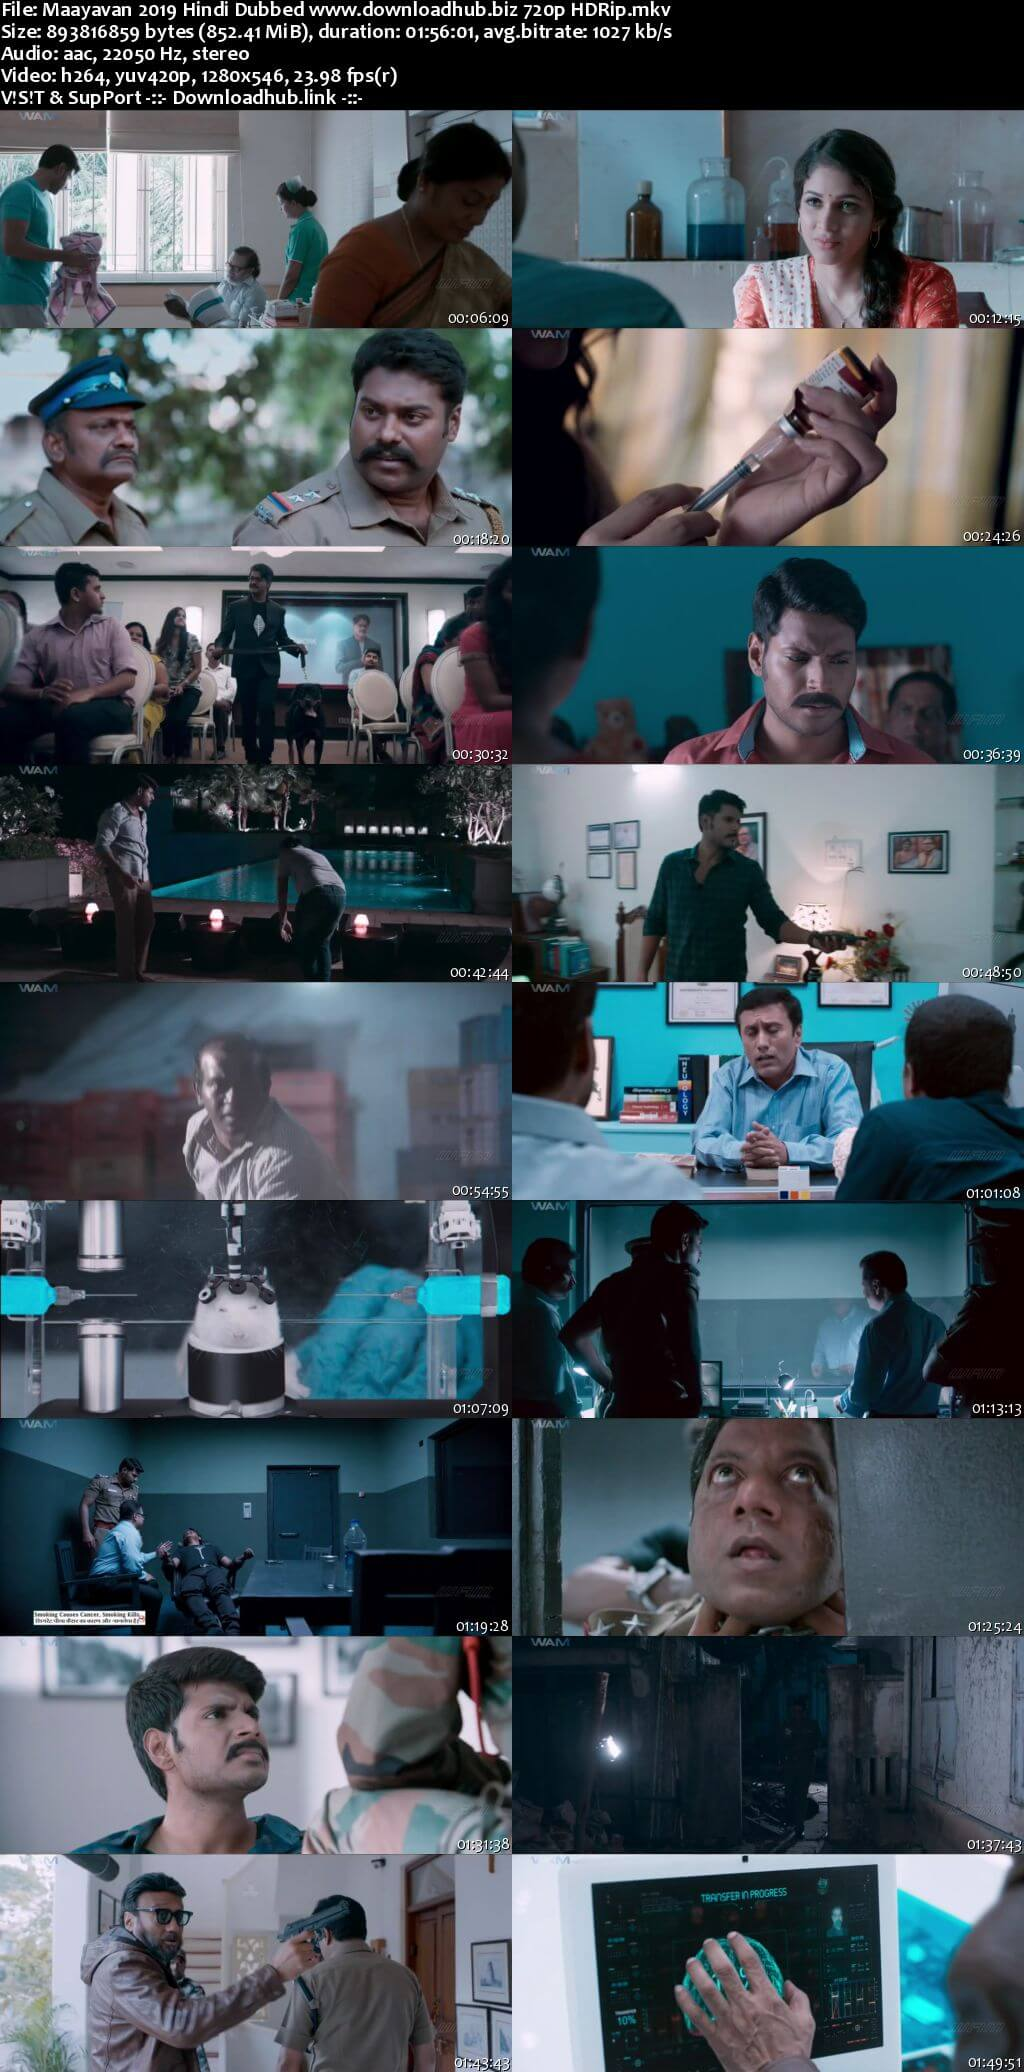 Maayavan 2019 Hindi Dubbed 720p HDRip x264